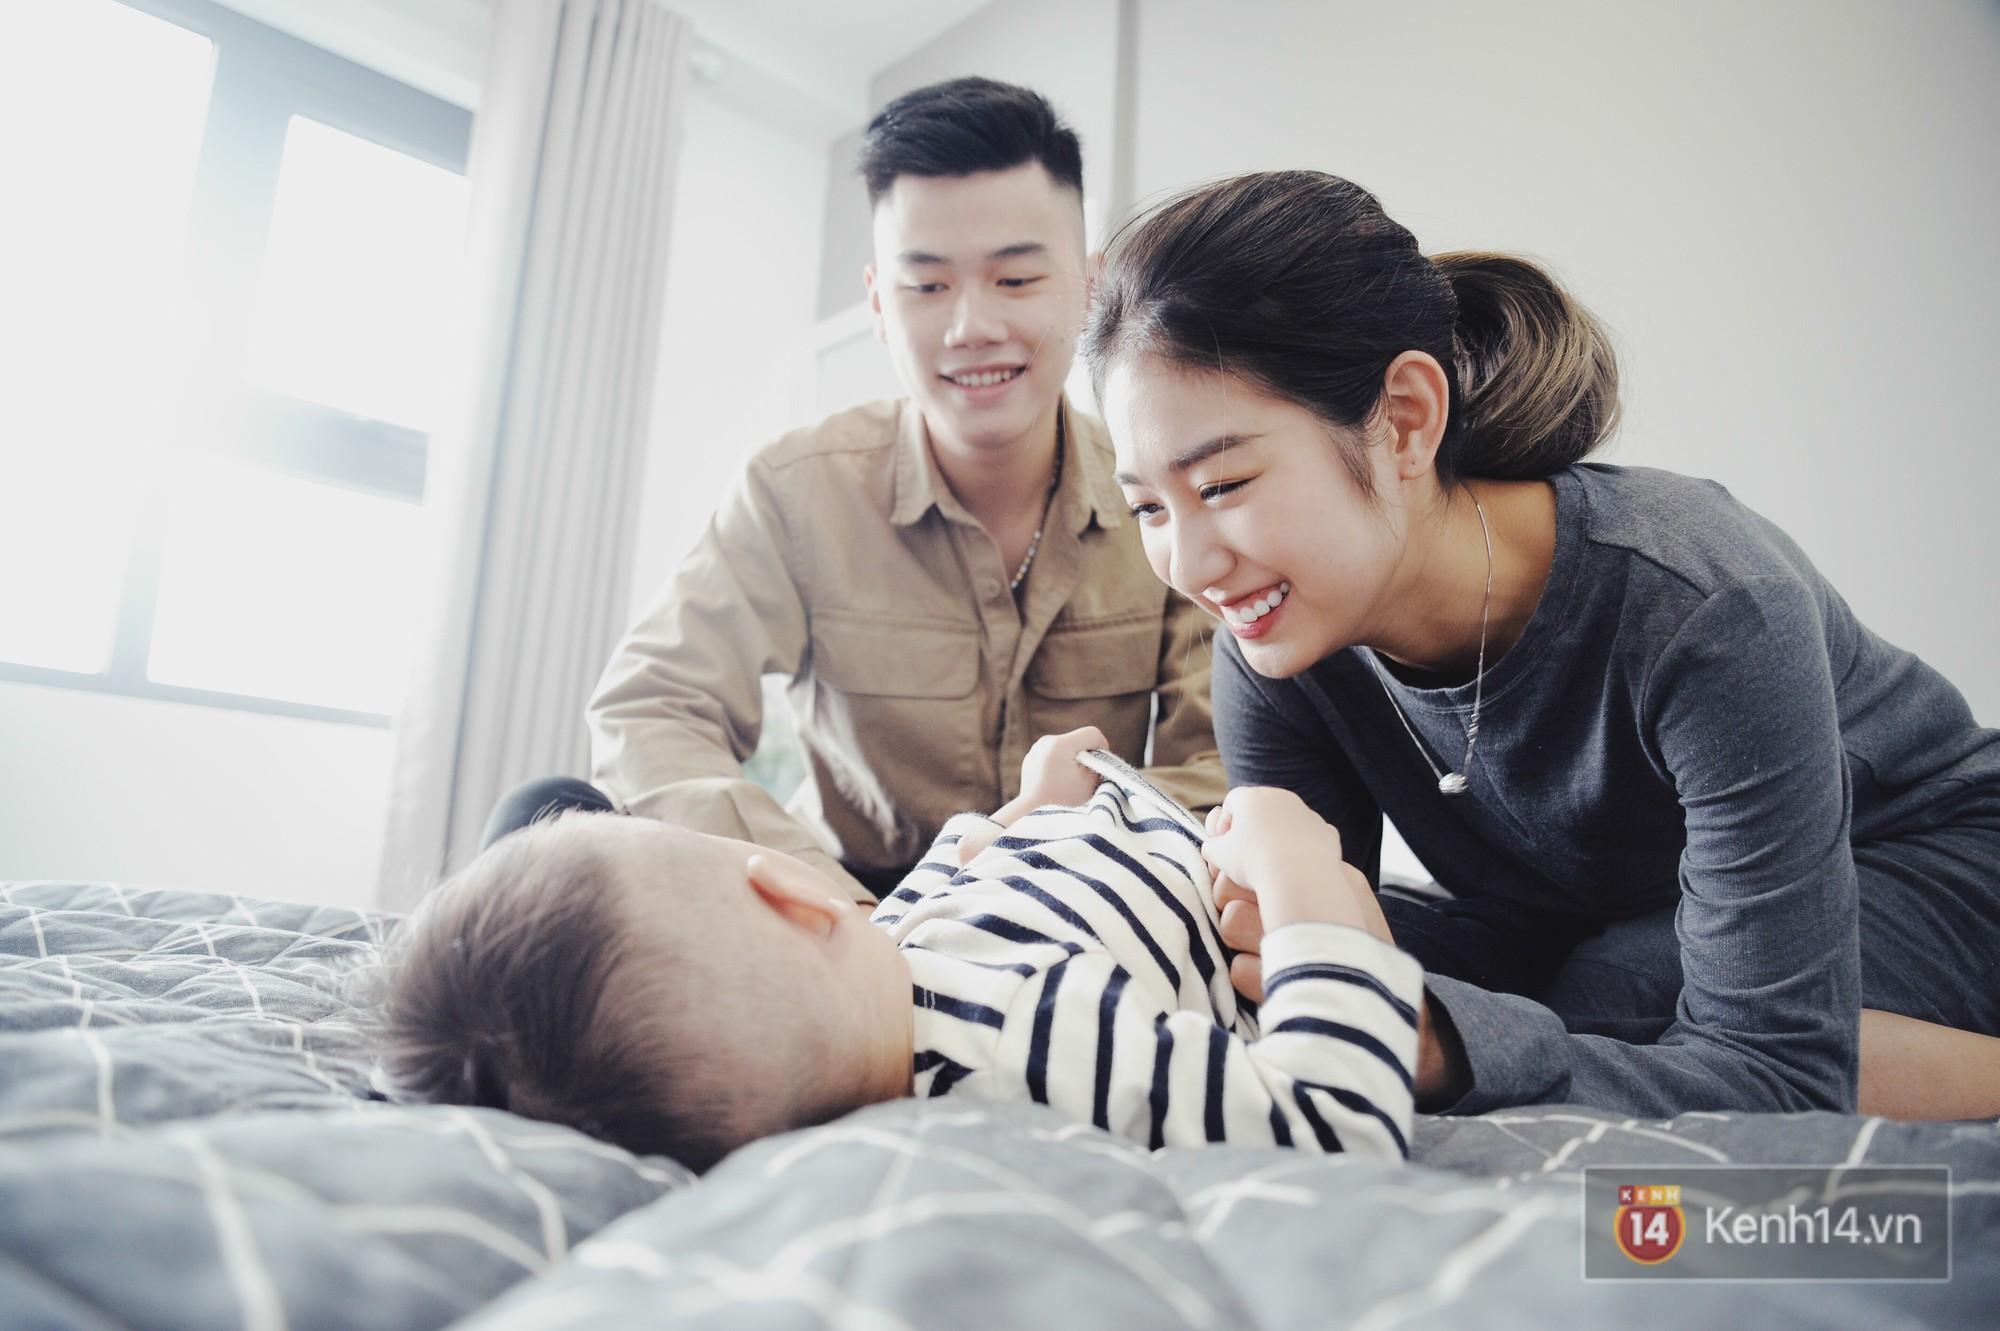 Gia đình trong mơ Trang Lou - Tùng Sơn: Có con là điều khó khăn nhất nhưng cũng hạnh phúc nhất! - Ảnh 12.